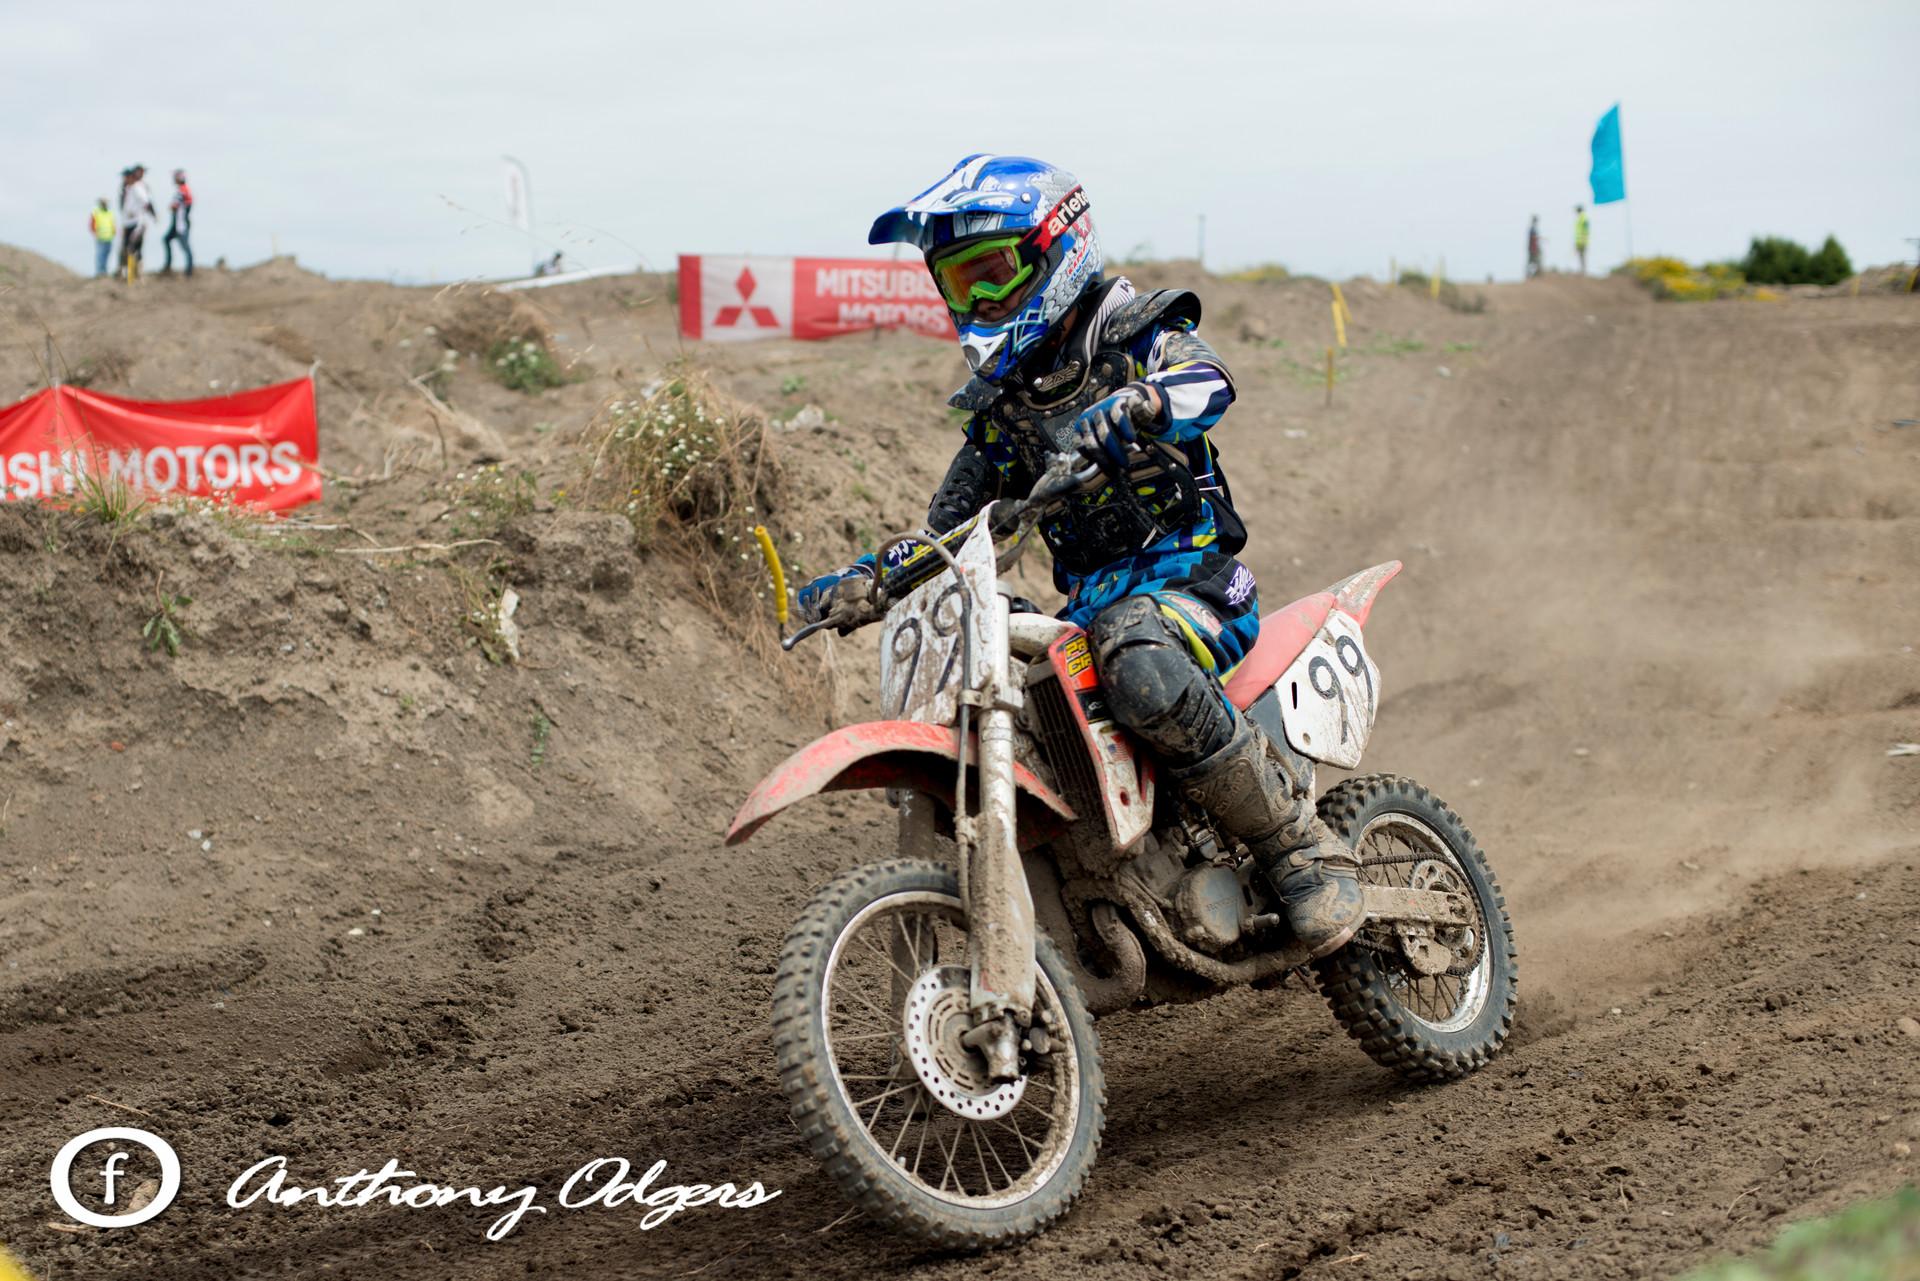 2013-01-06-Motocross Enduro-45.jpg